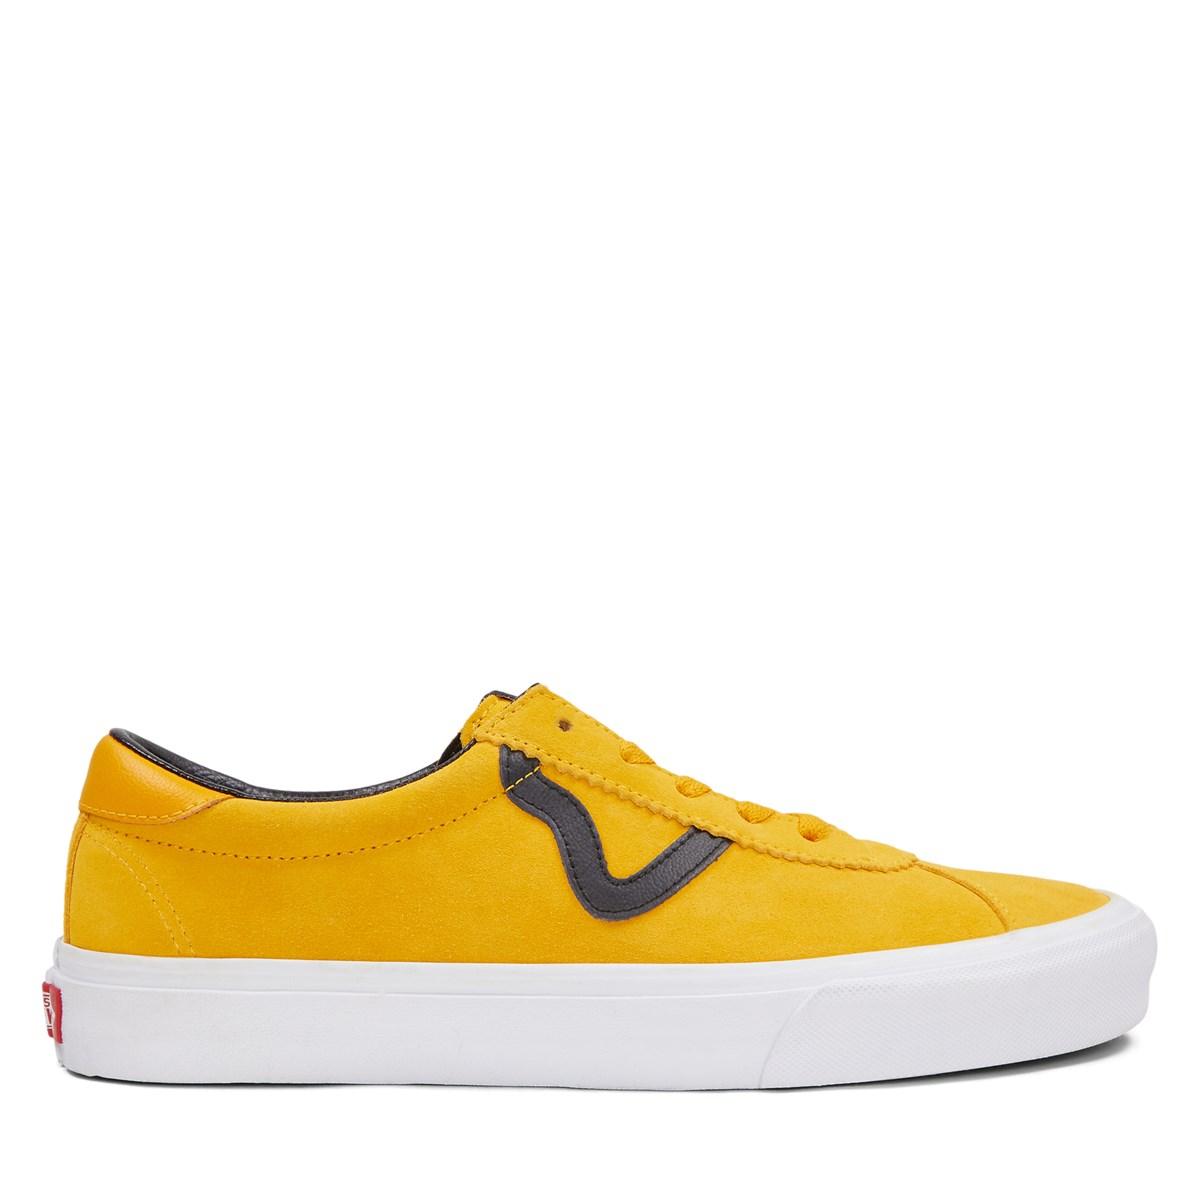 Men's Vans Sport Sneakers in Orange